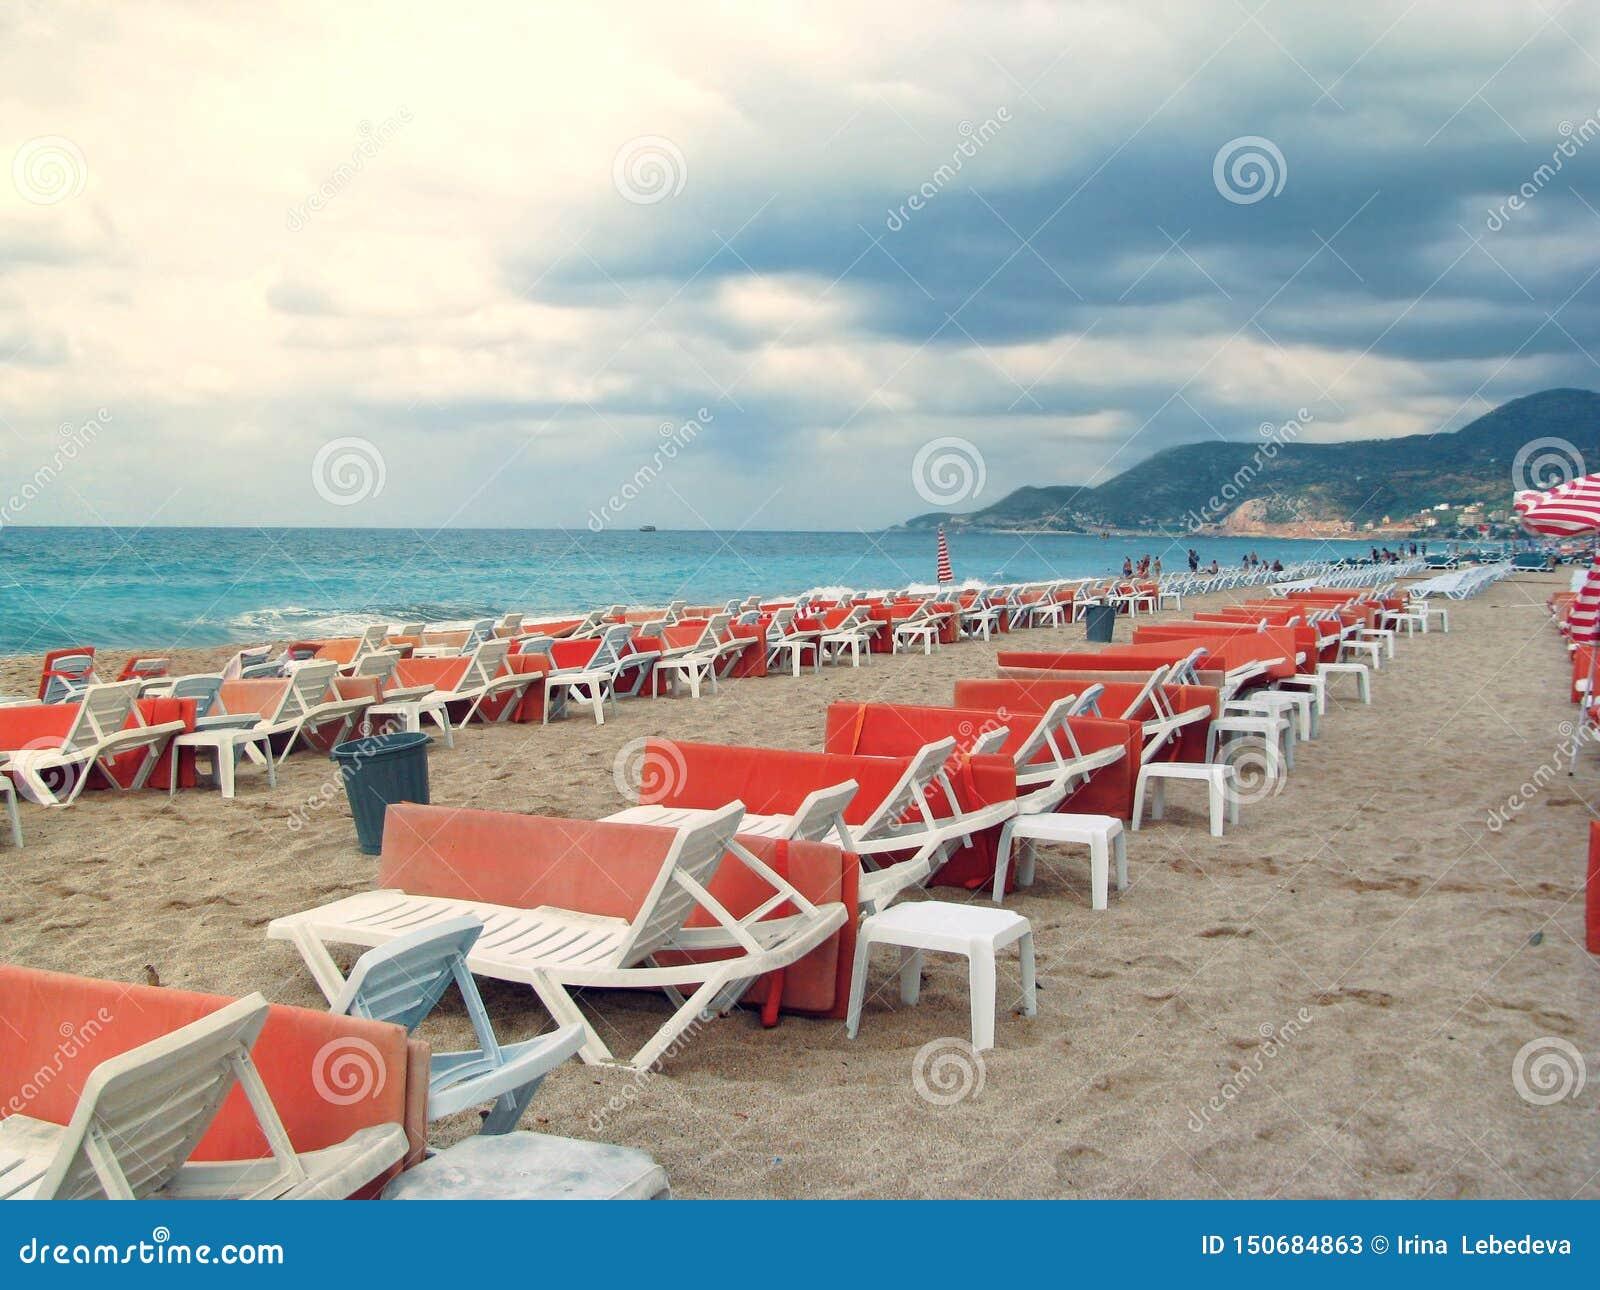 Los ociosos solos y vacíos del sol por el mar están esperando a turistas